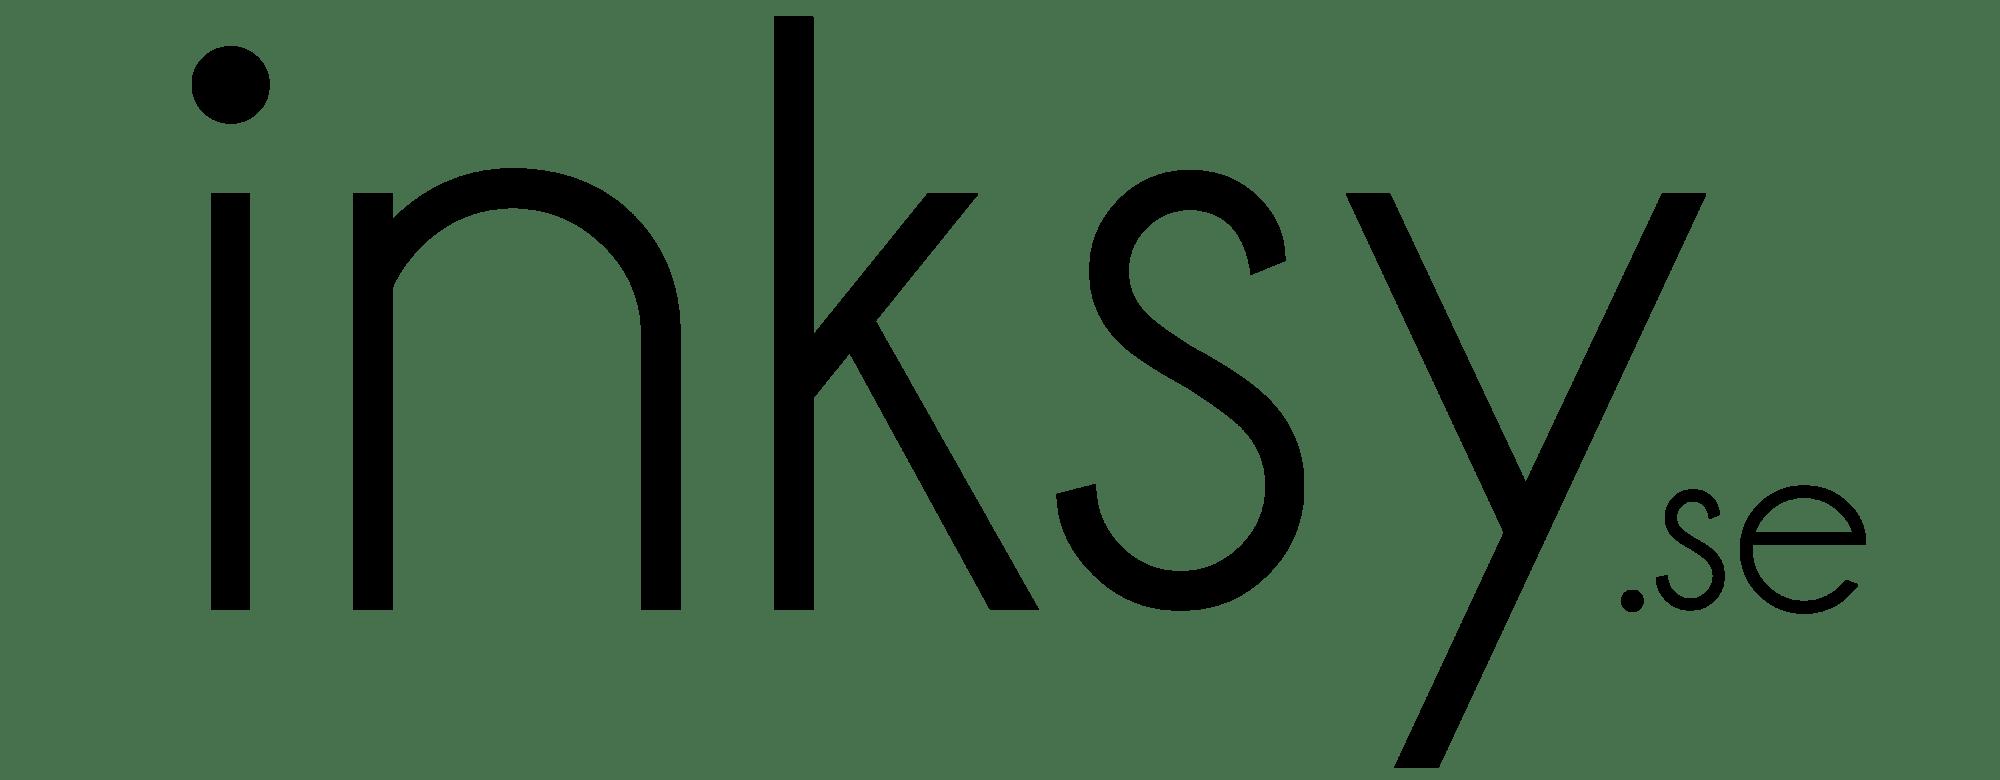 inksy